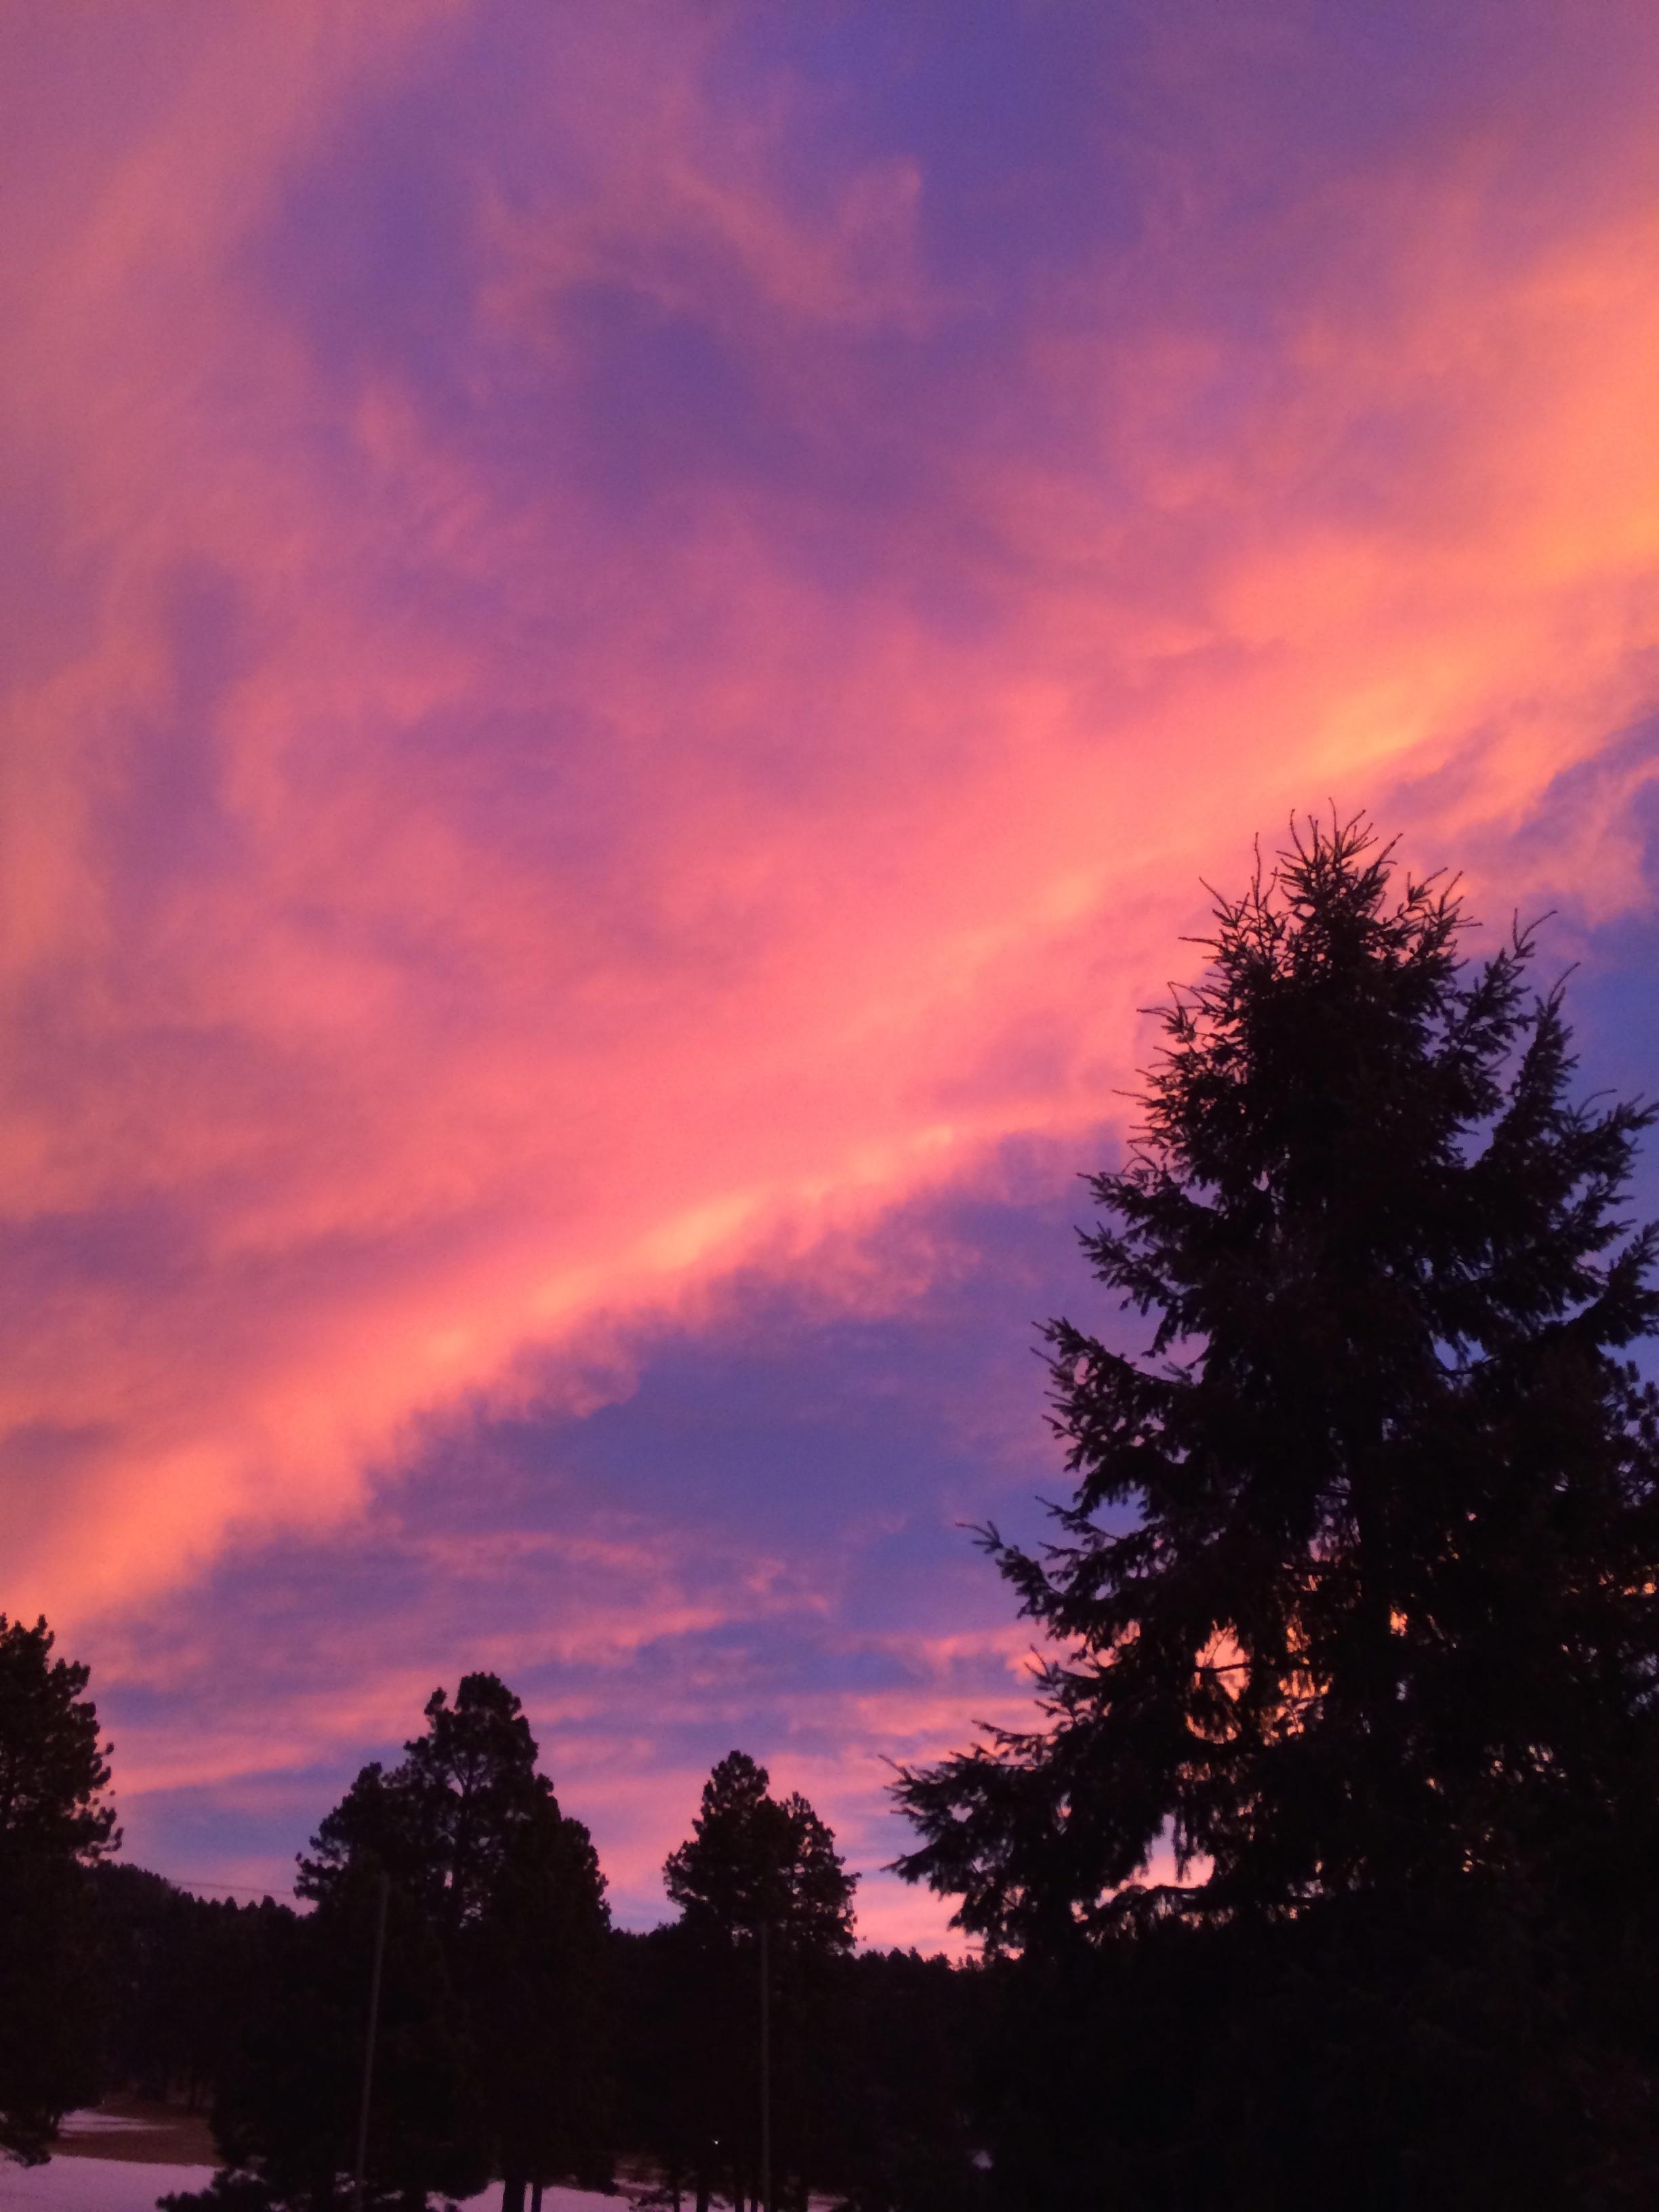 sunset illuminate